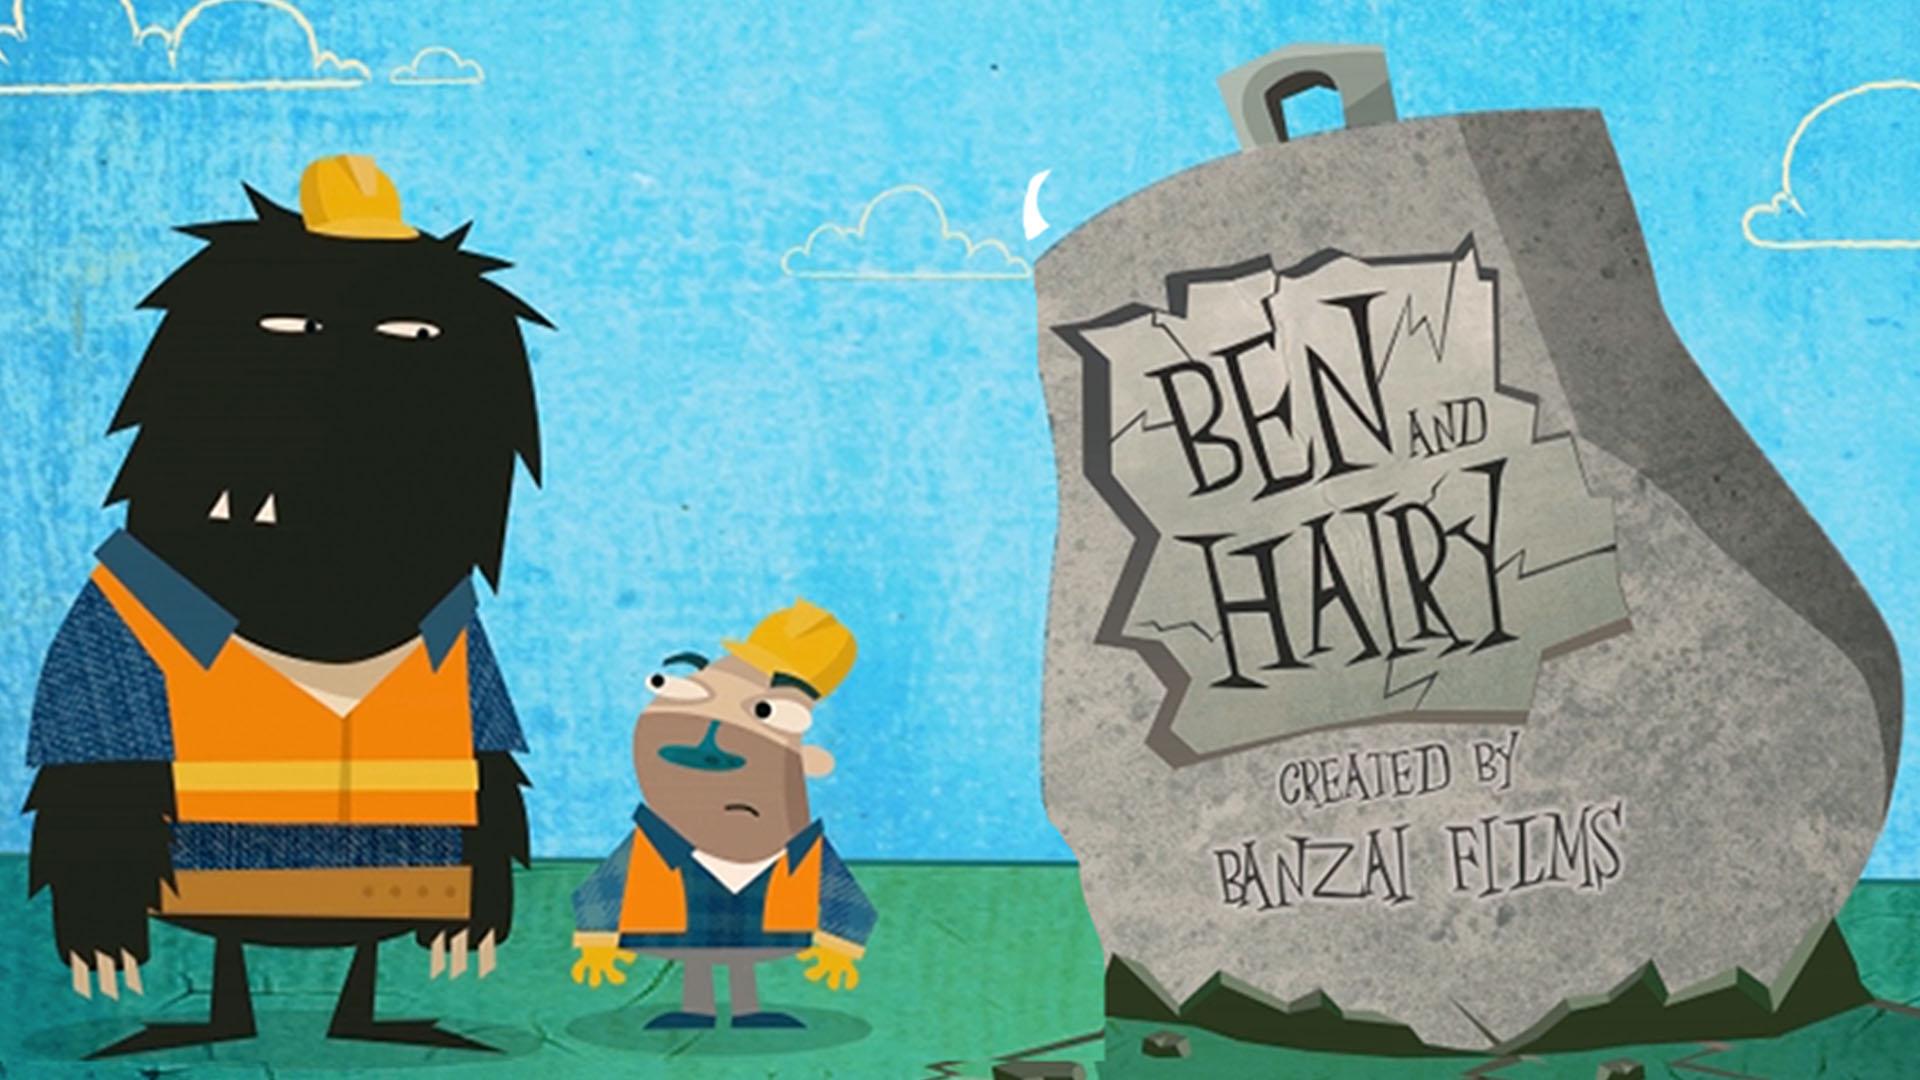 Ben & Hairy